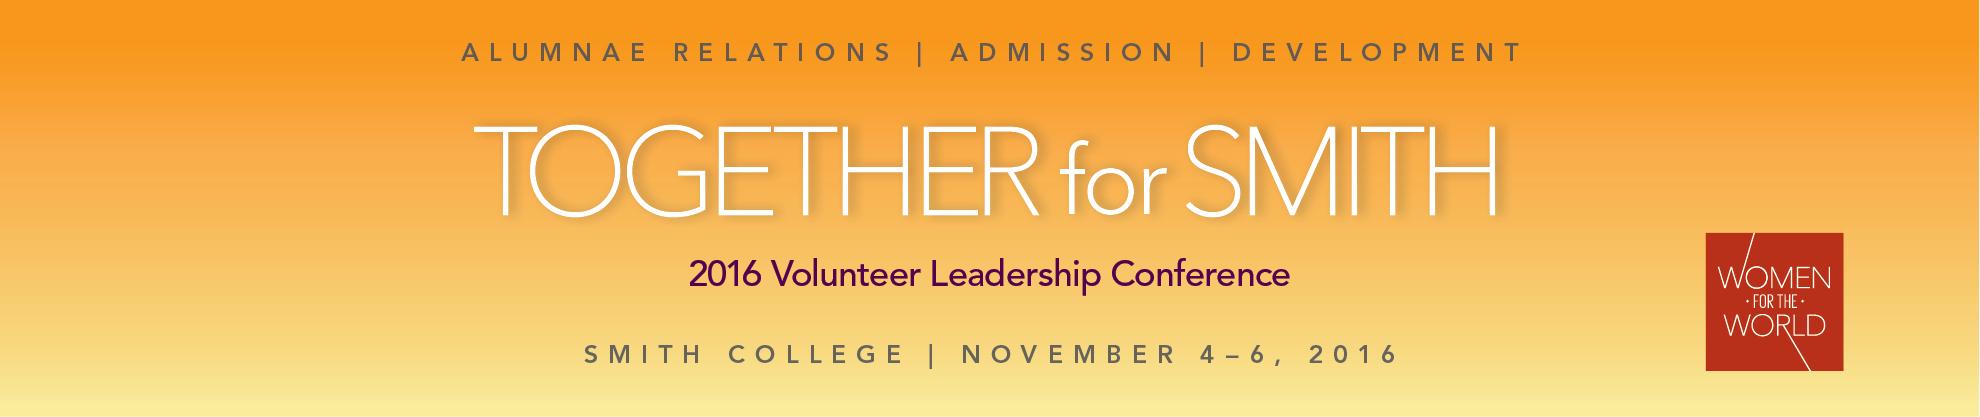 Volunteer Leadership Conference 2016